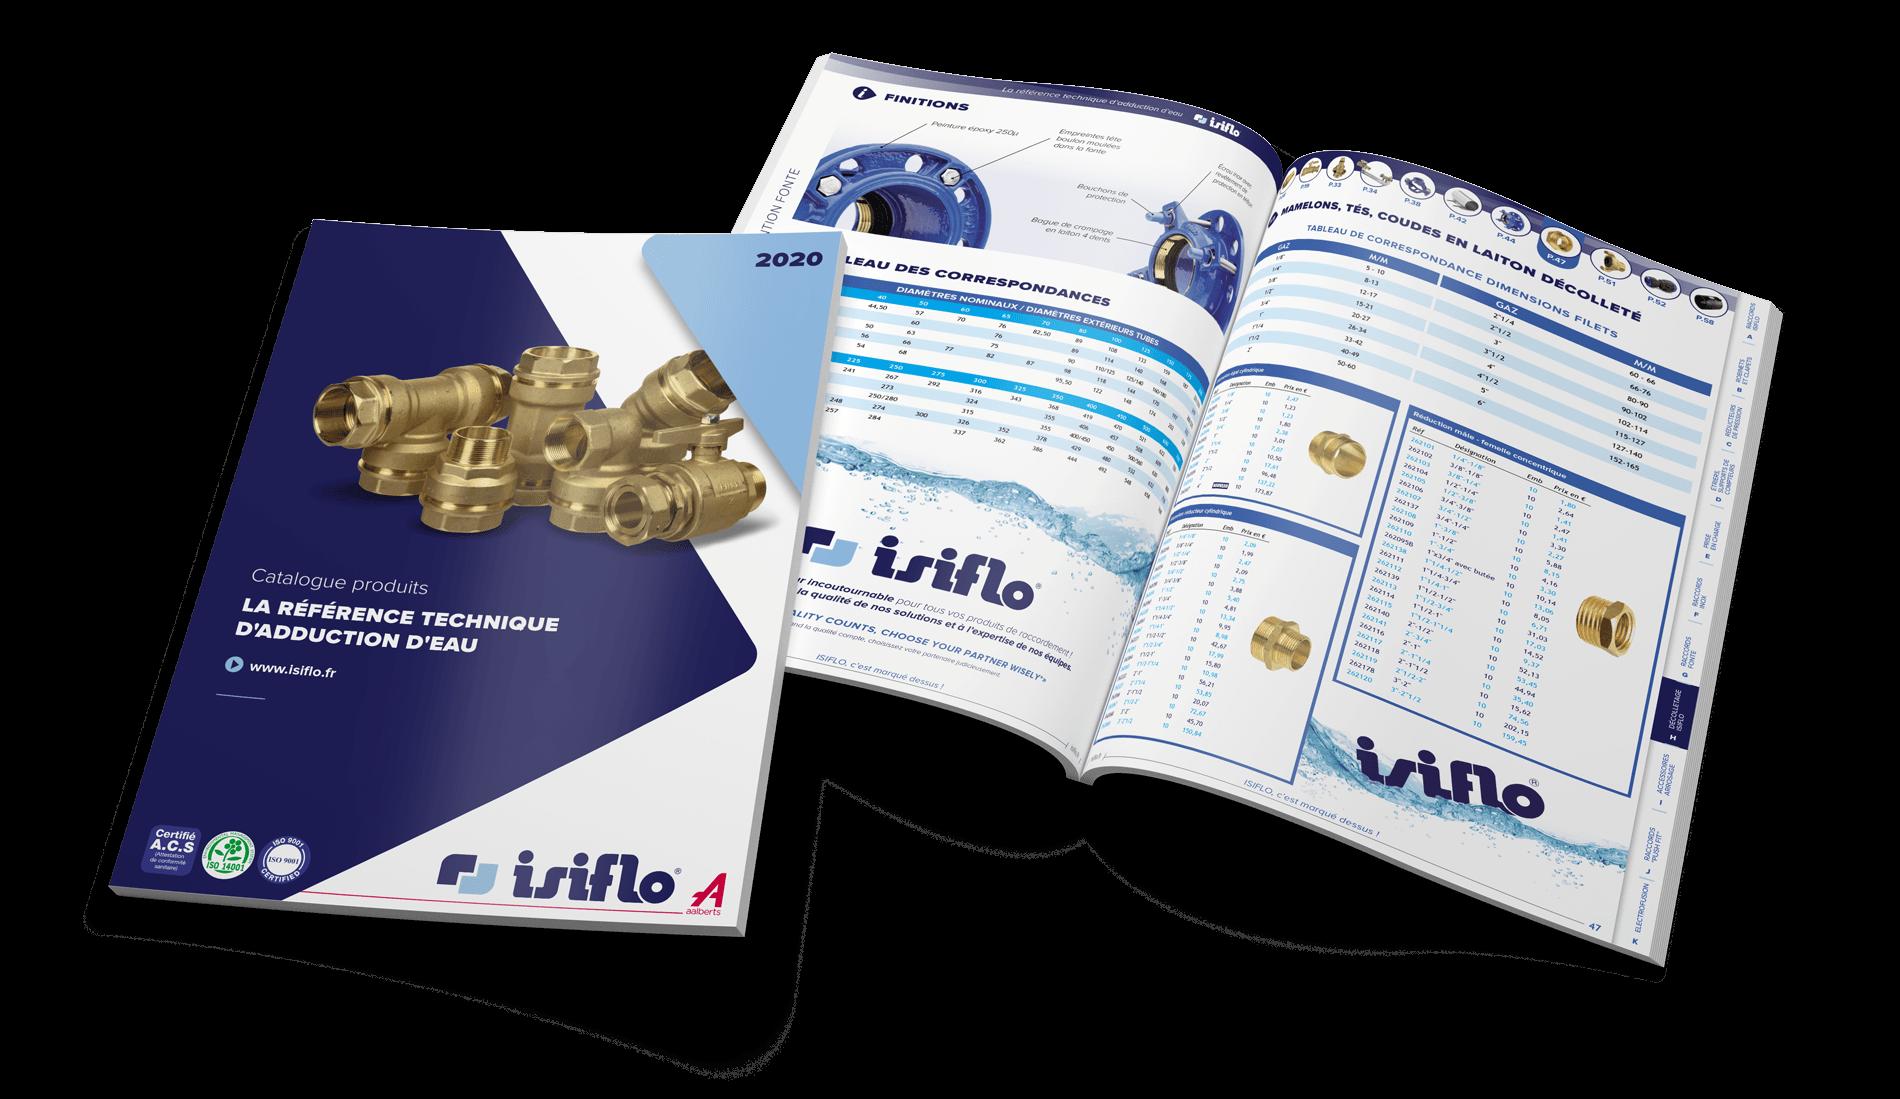 Isiflo catalogue ed 2020